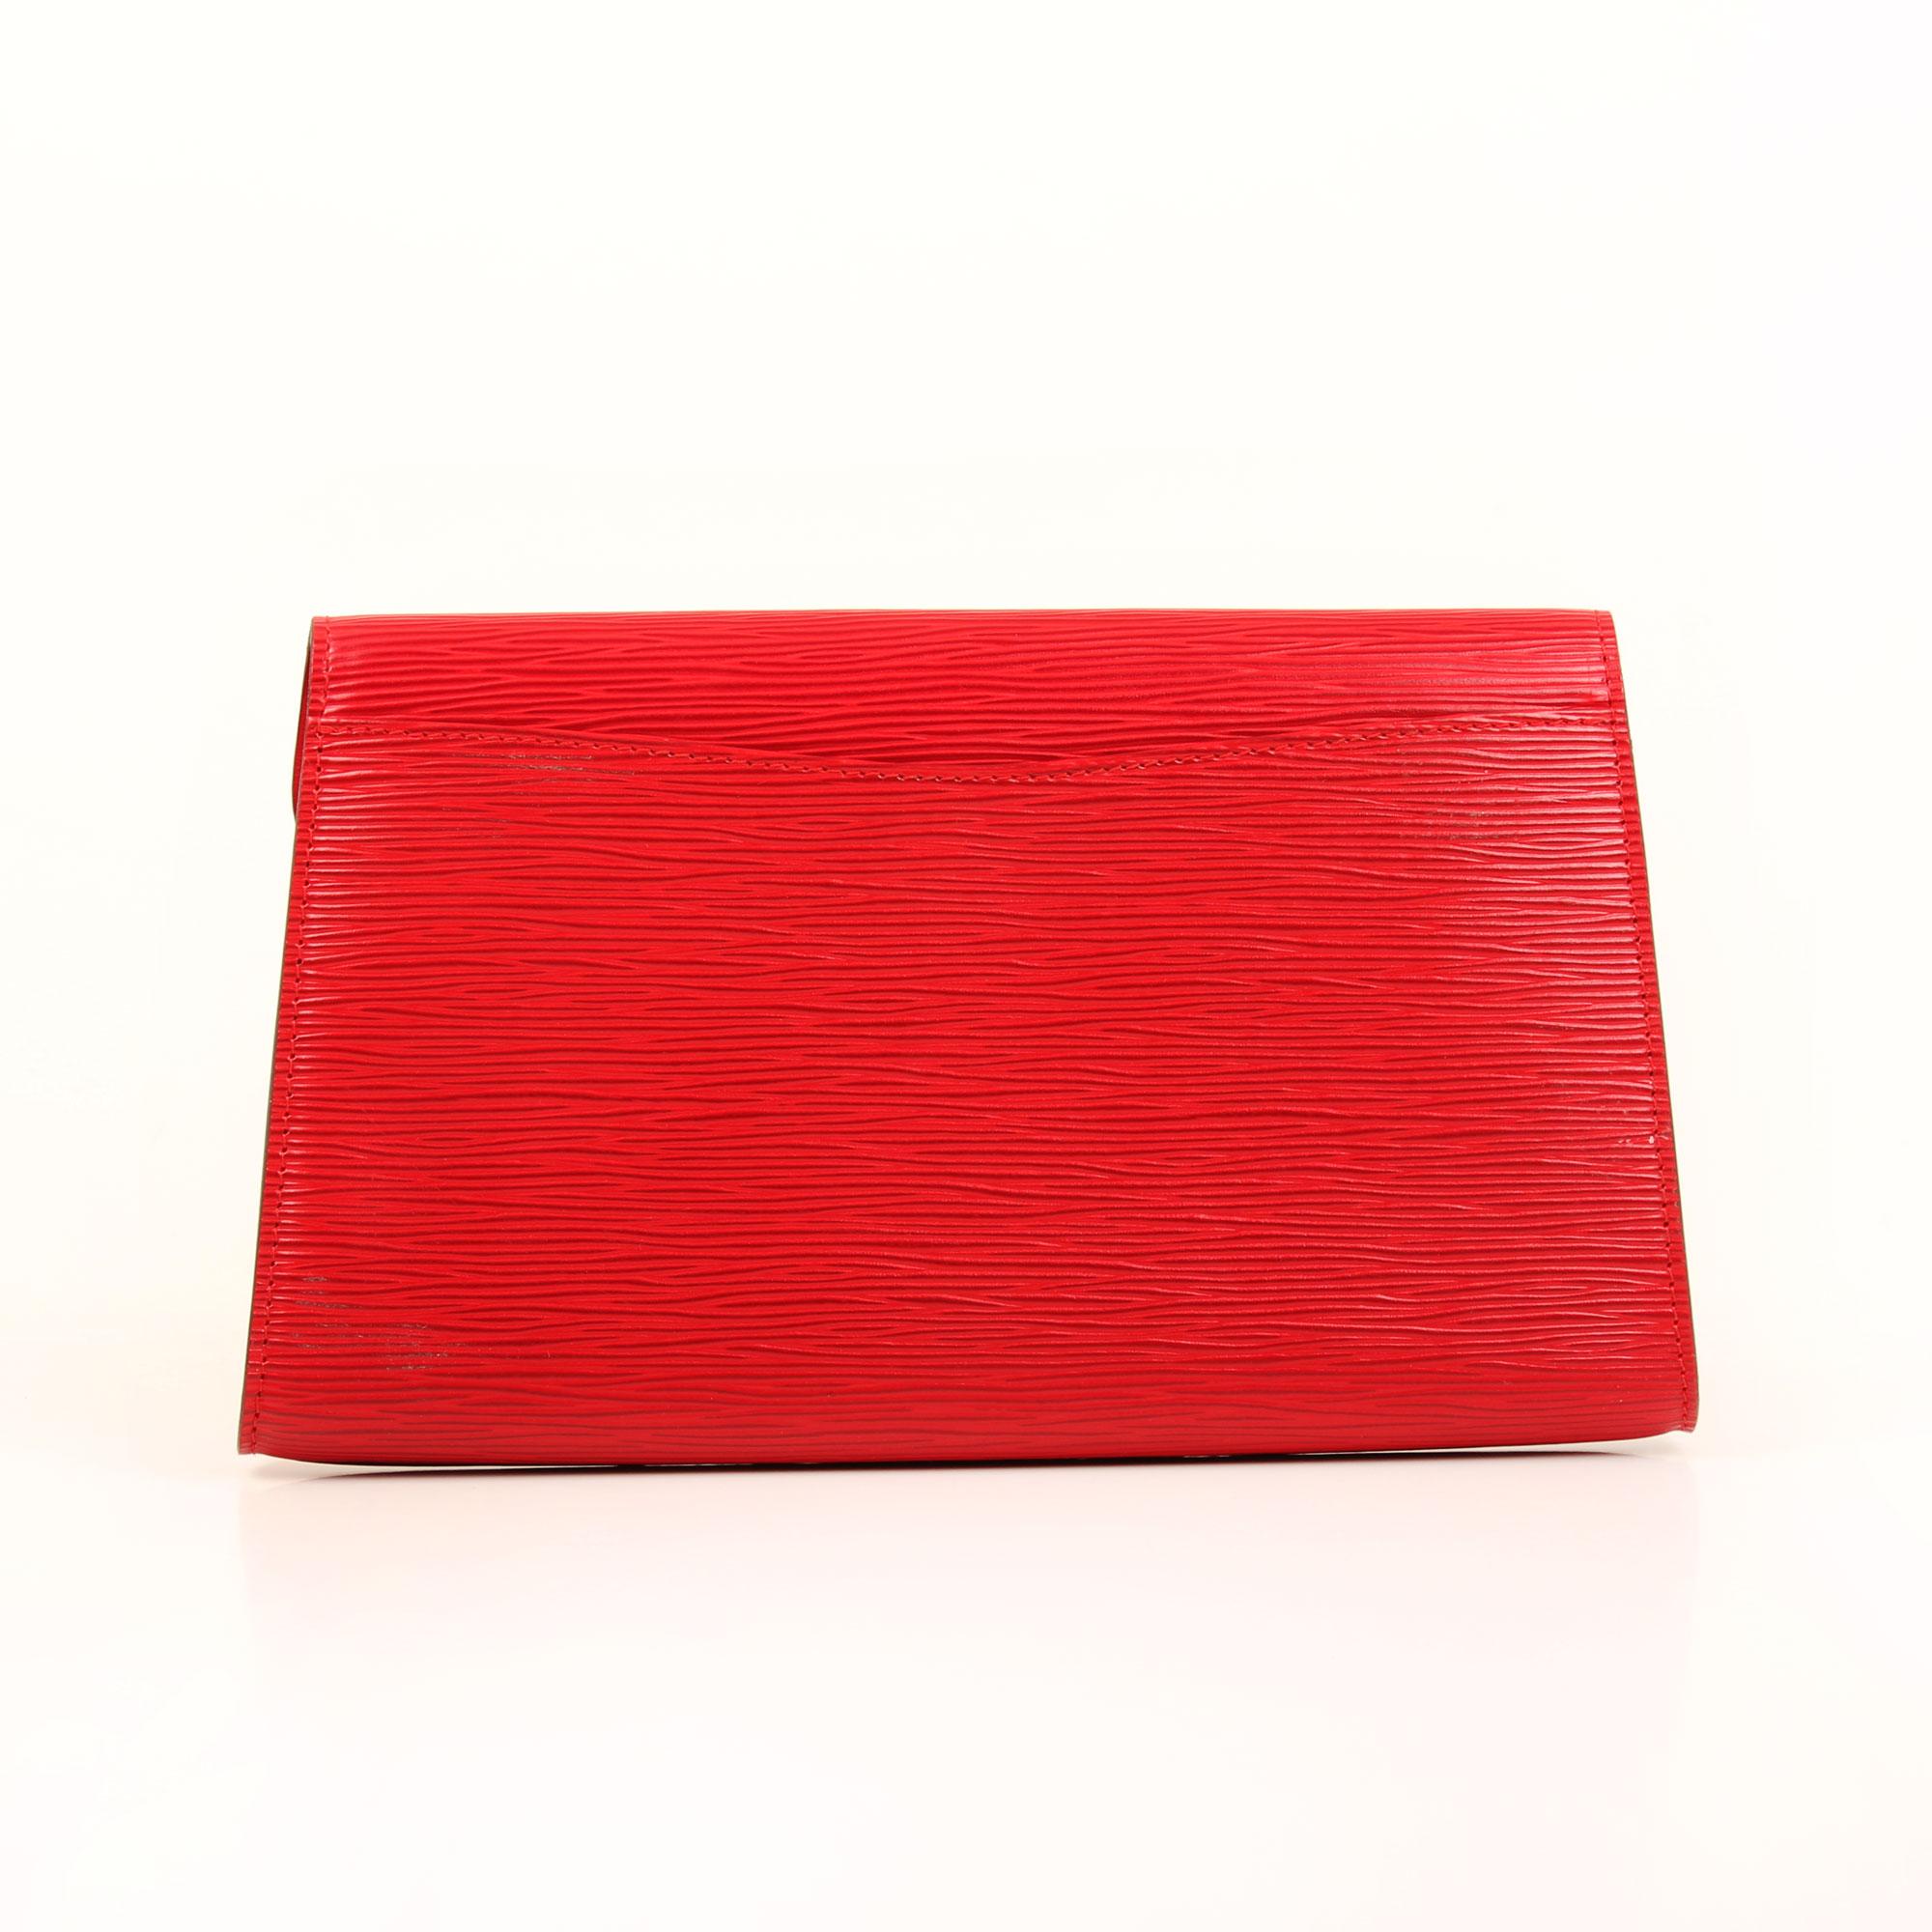 Imagen trasera del clutch louis vuitton vintage piel epi rojo